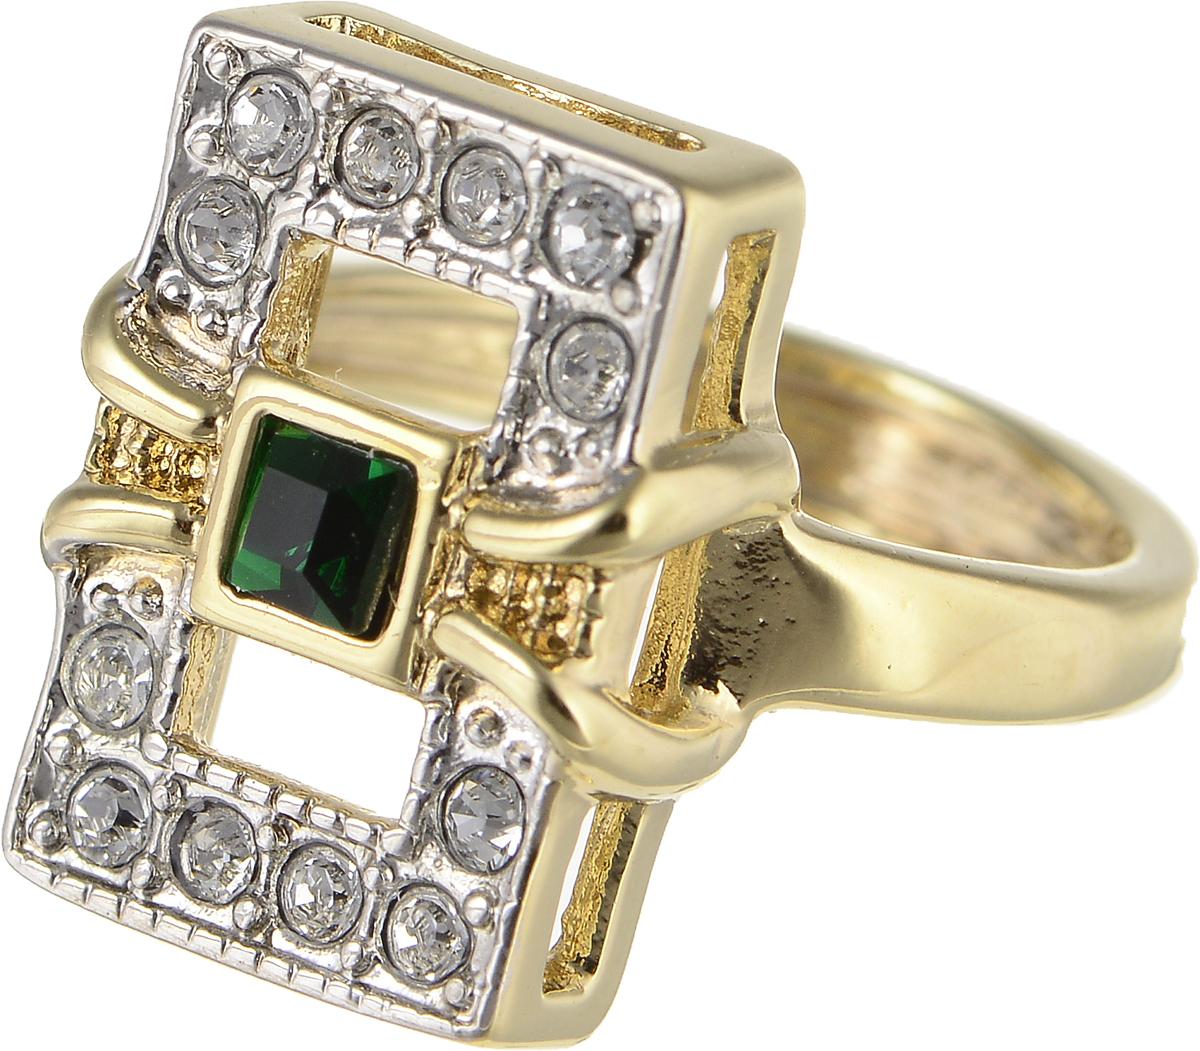 Кольцо Jenavi Изумрудные мечты. Риголит, цвет: золотой, зеленый. h802q030. Размер 16h802q030Элегантное кольцо Jenavi Изумрудные мечты. Риголит изготовлено из гипоаллергенного ювелирного сплава. Декоративная часть оформлена кристаллами Swarovski. Такое стильное кольцо идеально дополнит ваш образ и подчеркнет вашу индивидуальность.